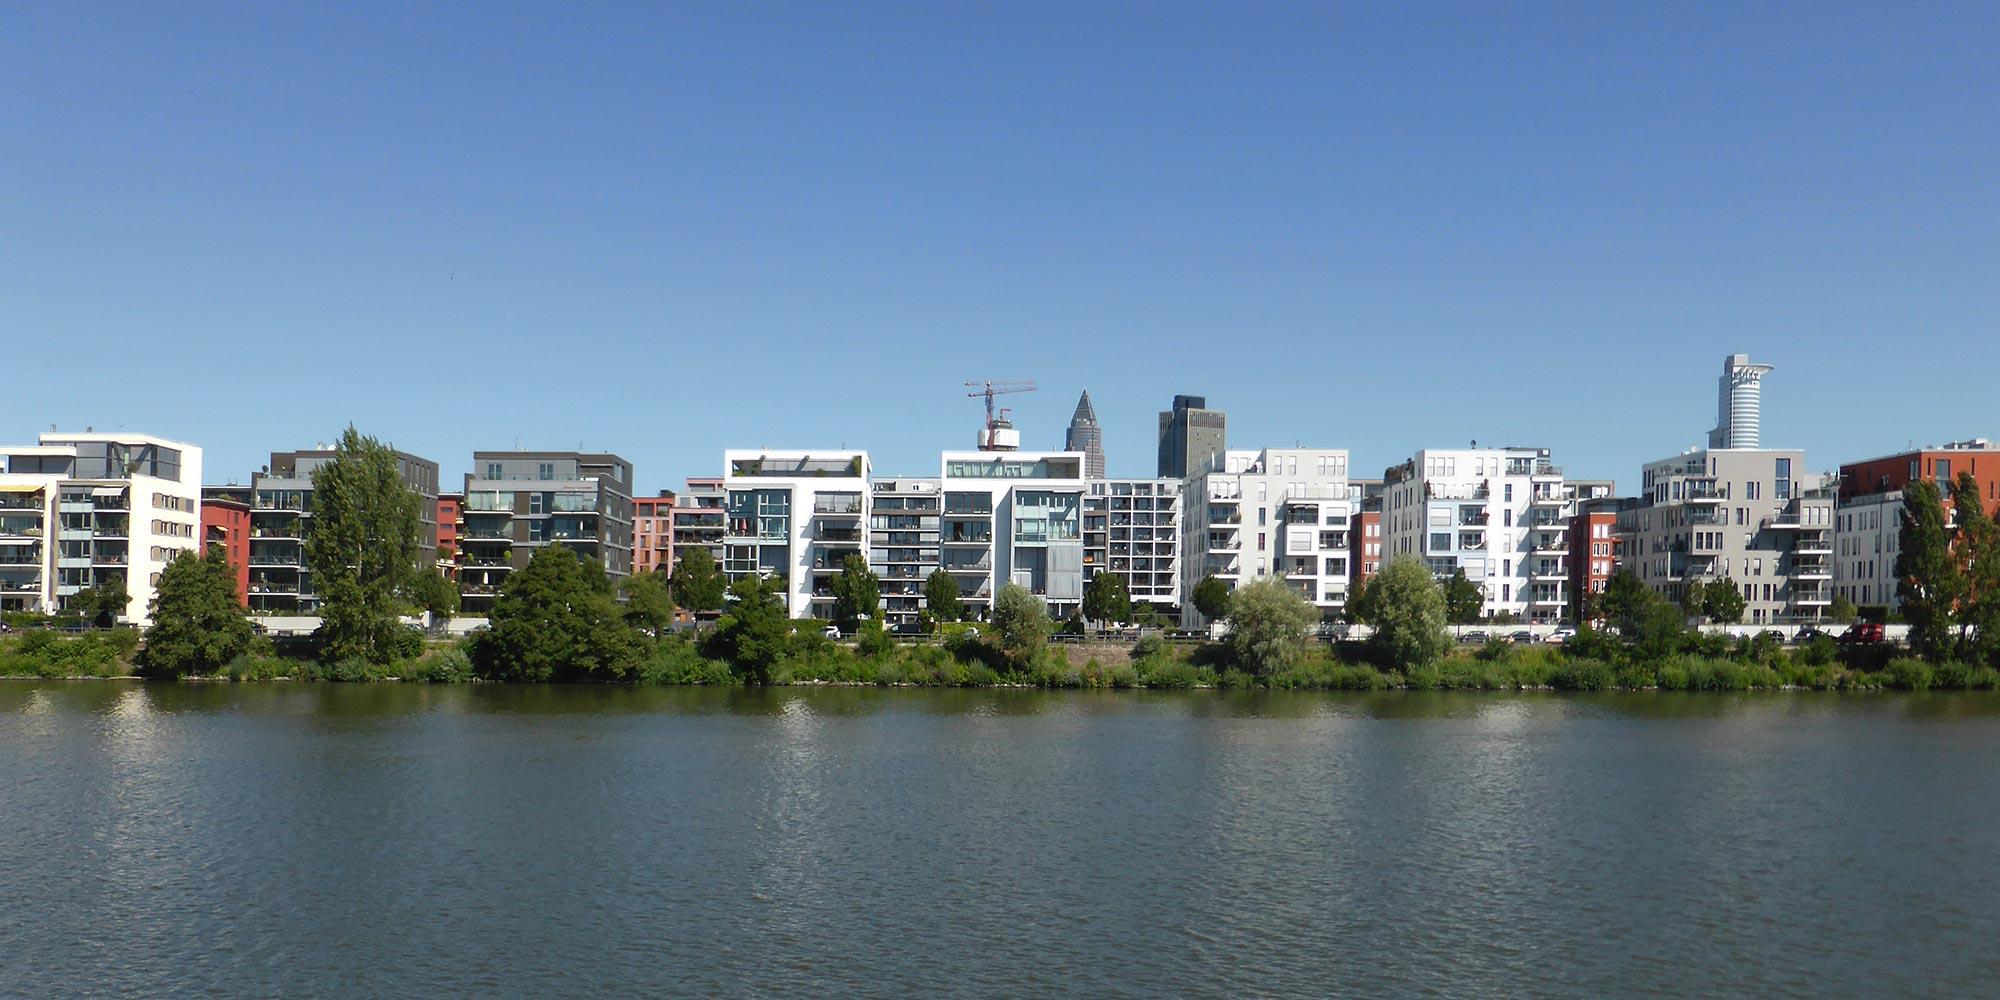 Solitäre am Westhafen Frankfurt - Wohngebäude West-Hafen Frankfurt am Main